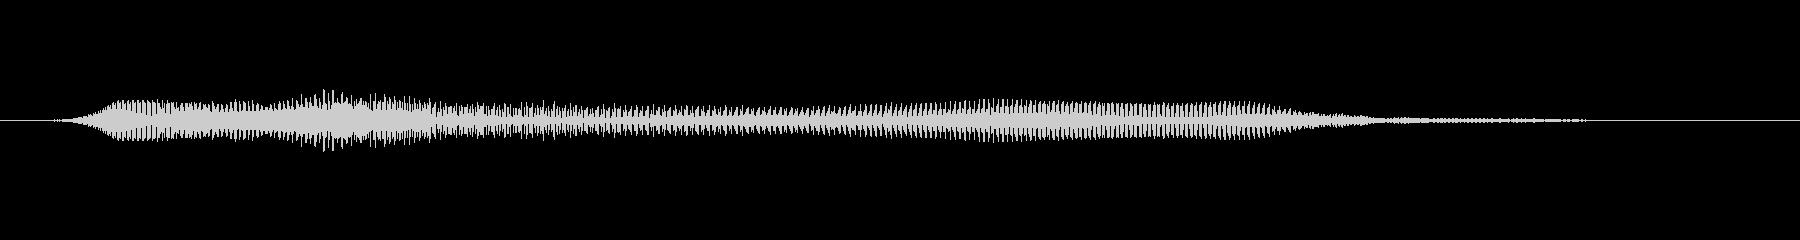 「ワオ!」3の未再生の波形